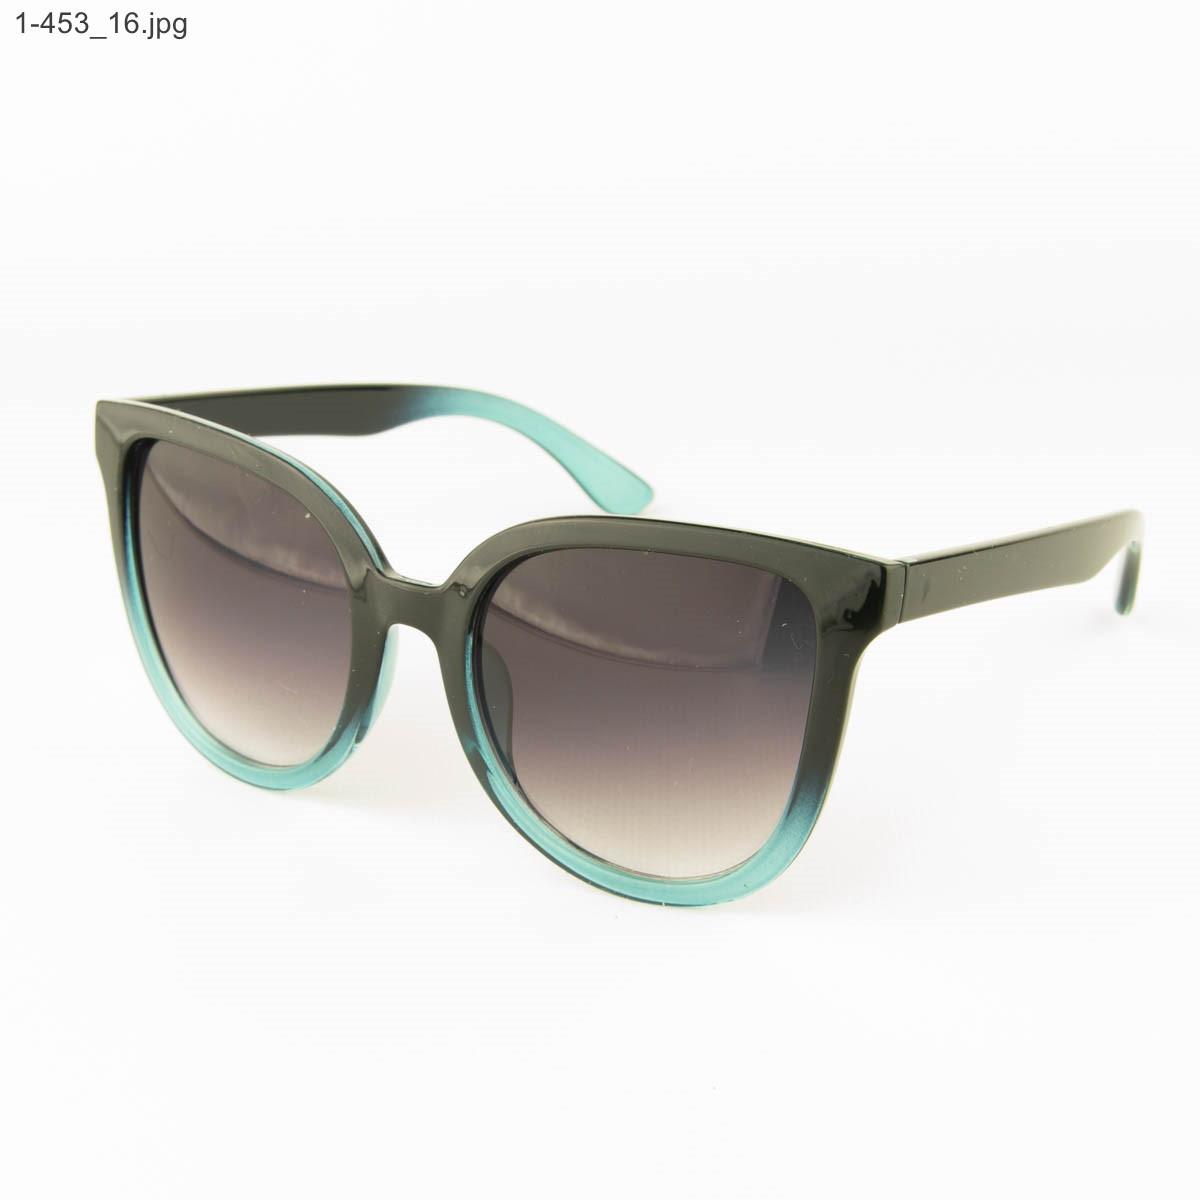 Оптом солнцезащитные женские очки - Черные с голубым - 1-453